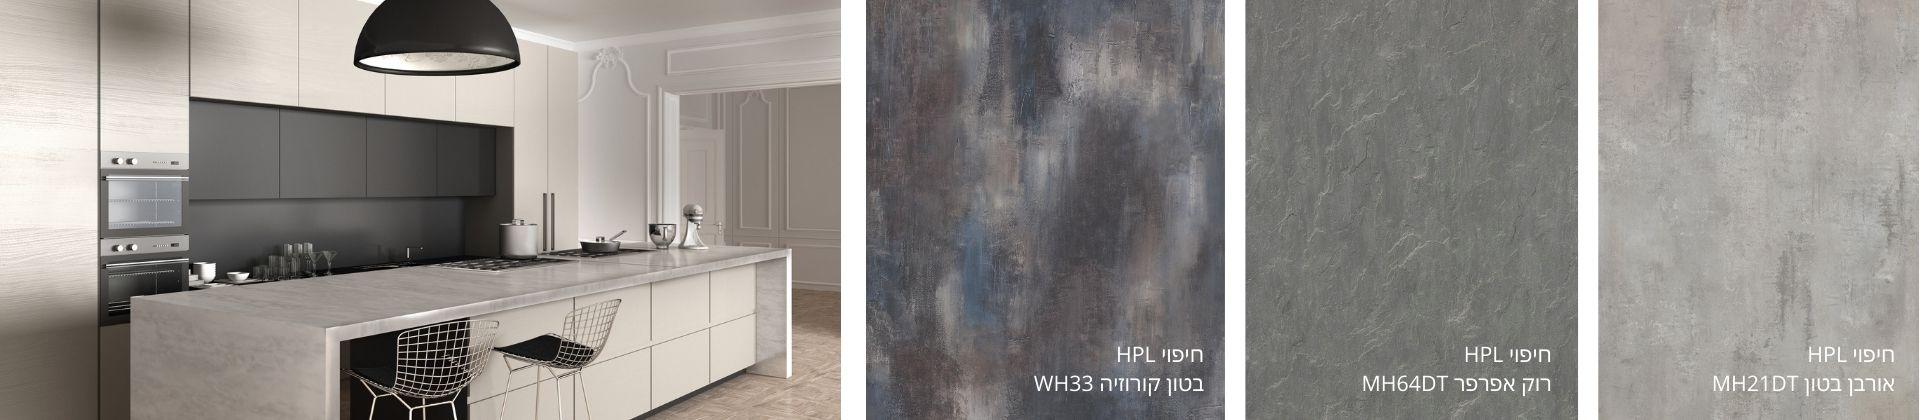 בגוונים של סטון ובטון HPL קולקציה לעיצוב המטבח מבית בלורן